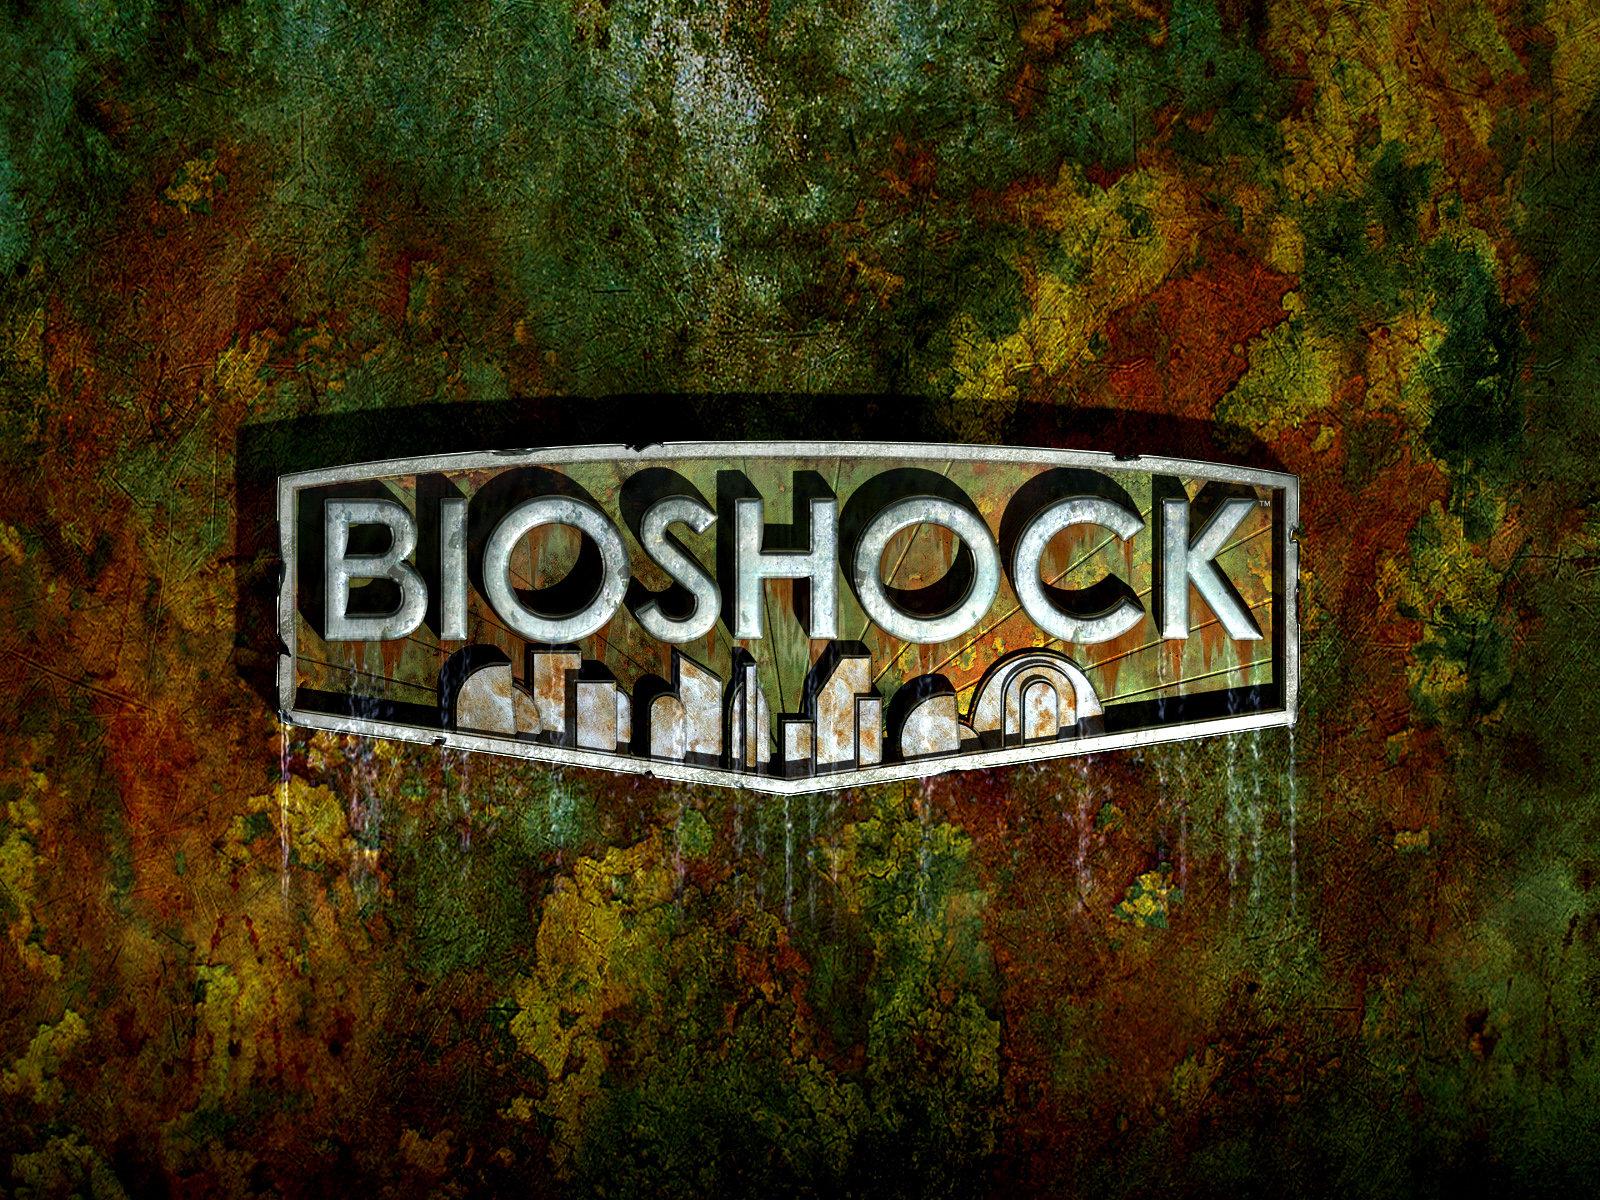 Bioshock. Un shooter de los wenos wenos